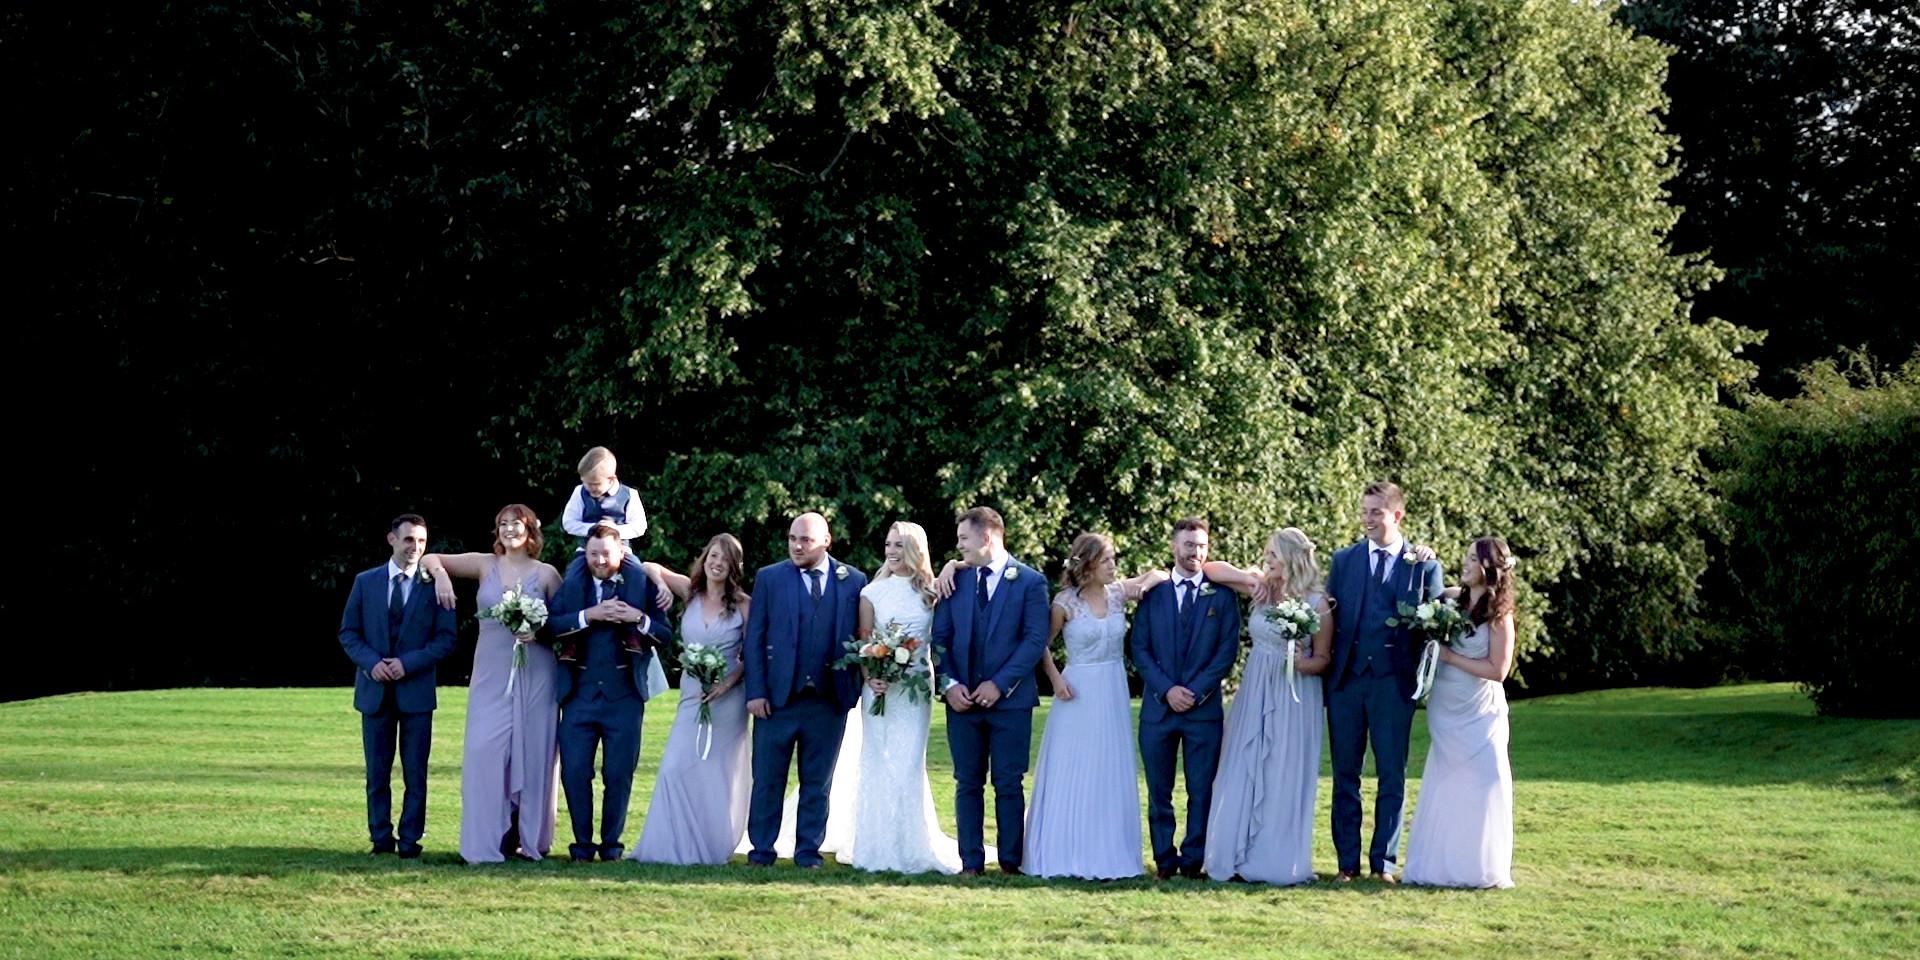 Wedding-ShortFilm.00_07_34_23.Still080.j